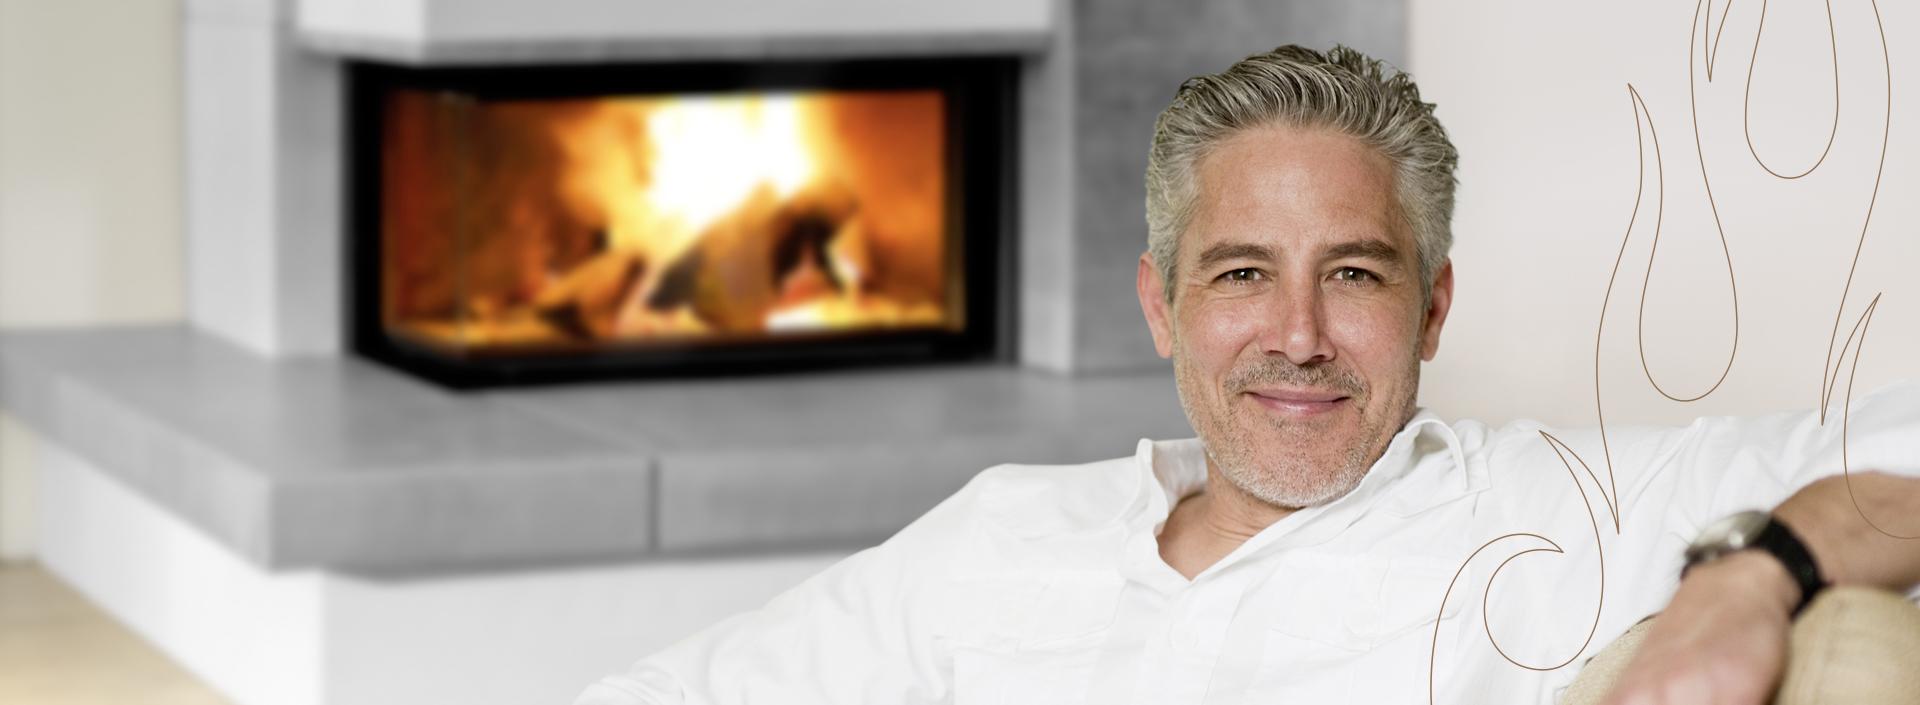 Faszination Feuer - belebt durch einen Heizkamin, Kachelofen oder Kaminofen.